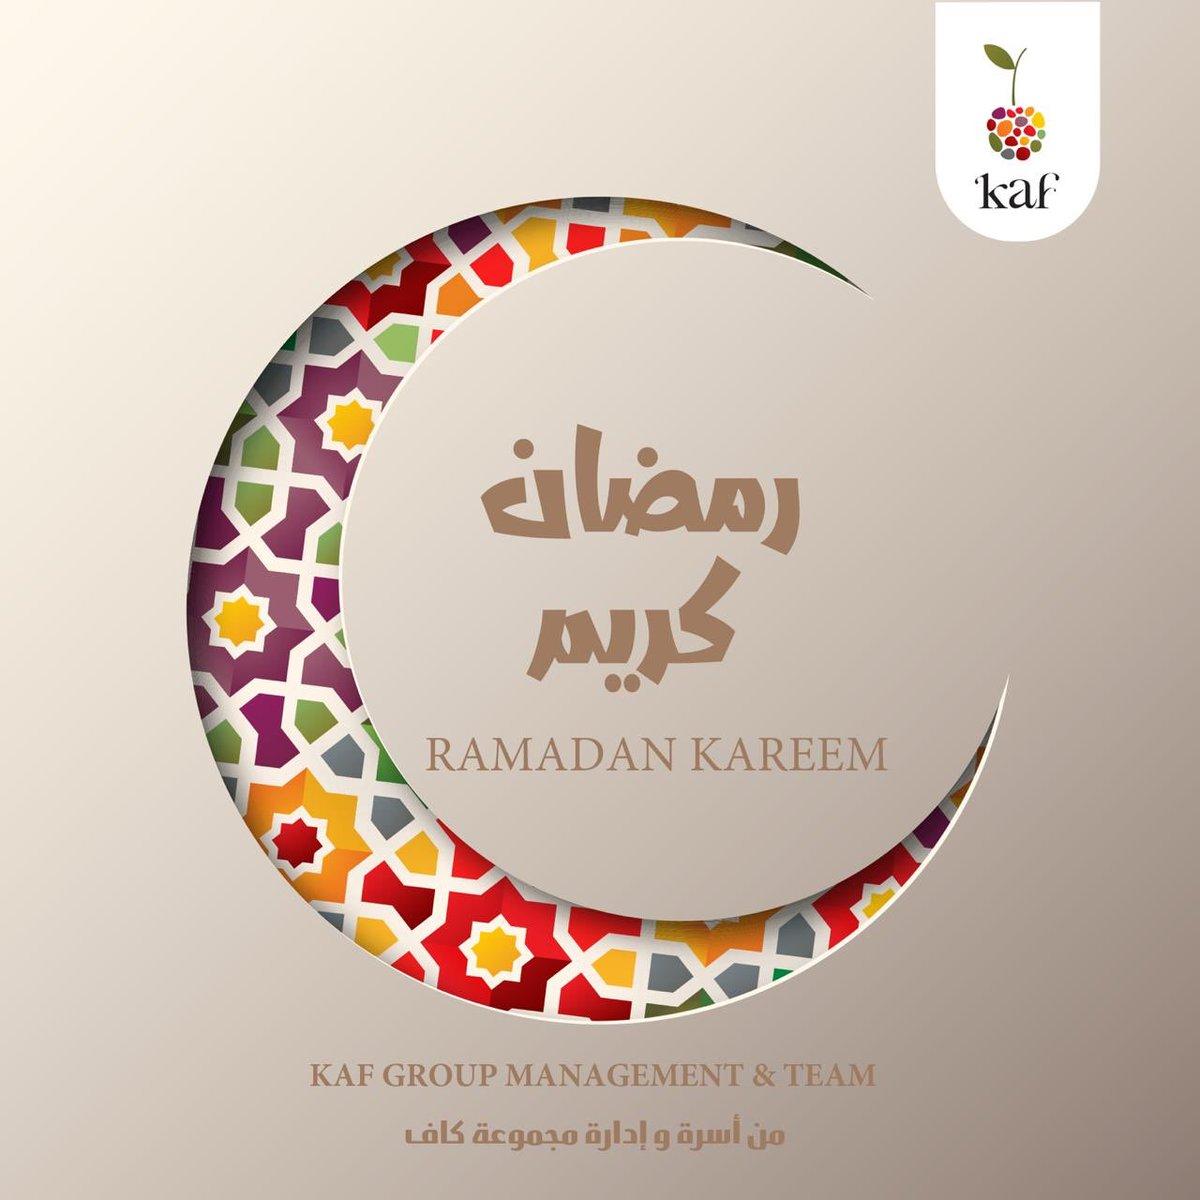 رمضان كريم من أسرة وإدارة مجموعة كاف.  سائلين الله أن يتقبل منكم صيامكم وقيامكم وصالح أعمالكم.  Ramadan Kareem from KAF Group Management & Team, May Allah accept your fasting & prayers. #رمضانكم_مع_كاف  #RamadanWithKAF https://t.co/kKdY0sGUA2